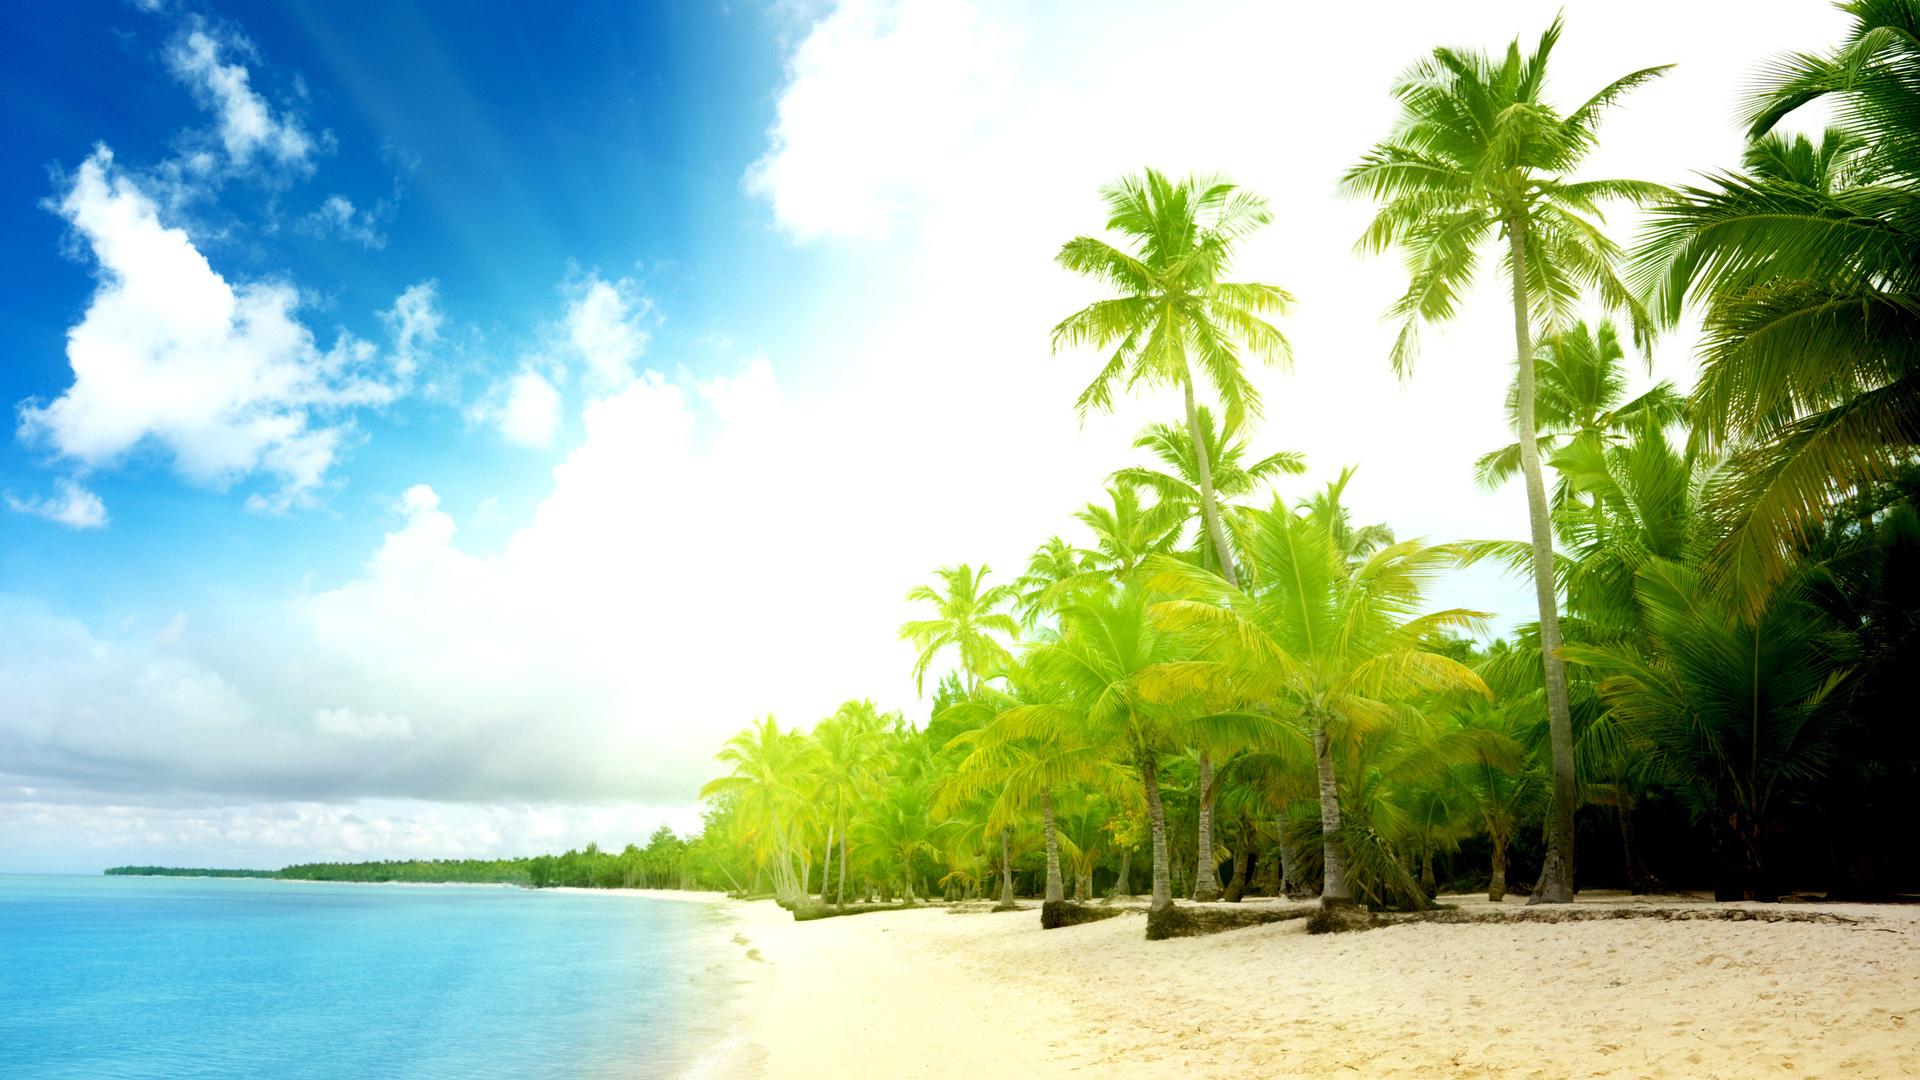 пальмы на рабочий стол